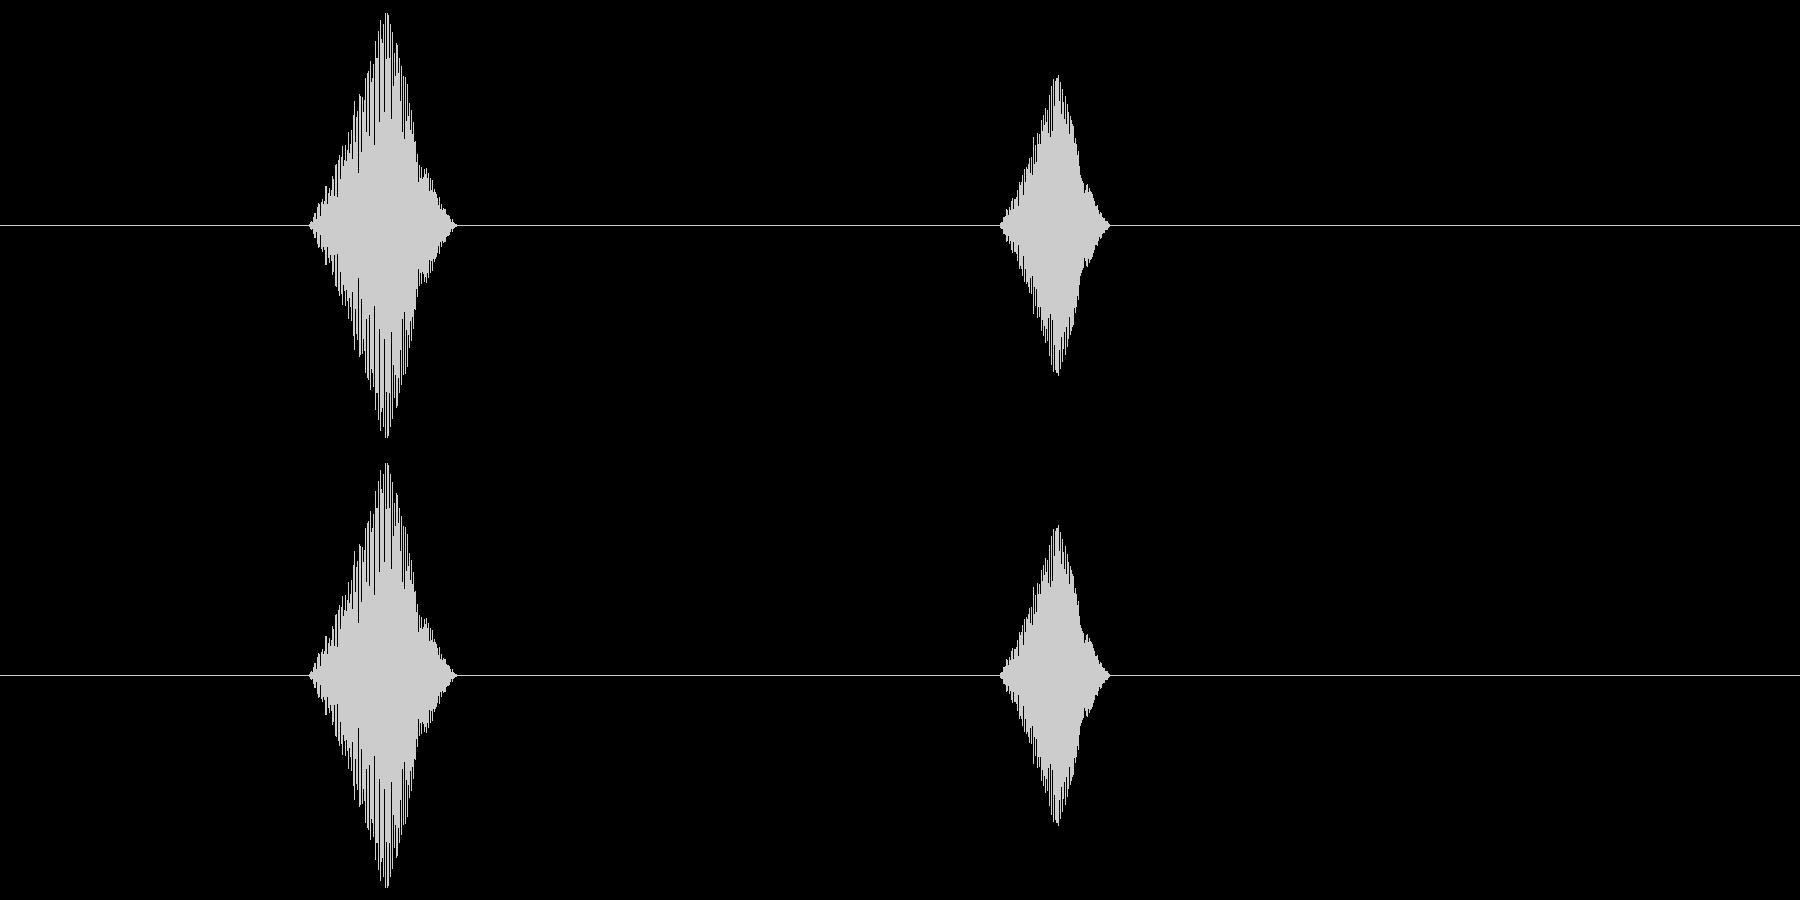 シンプルなボタン音2(ポチッ)の未再生の波形